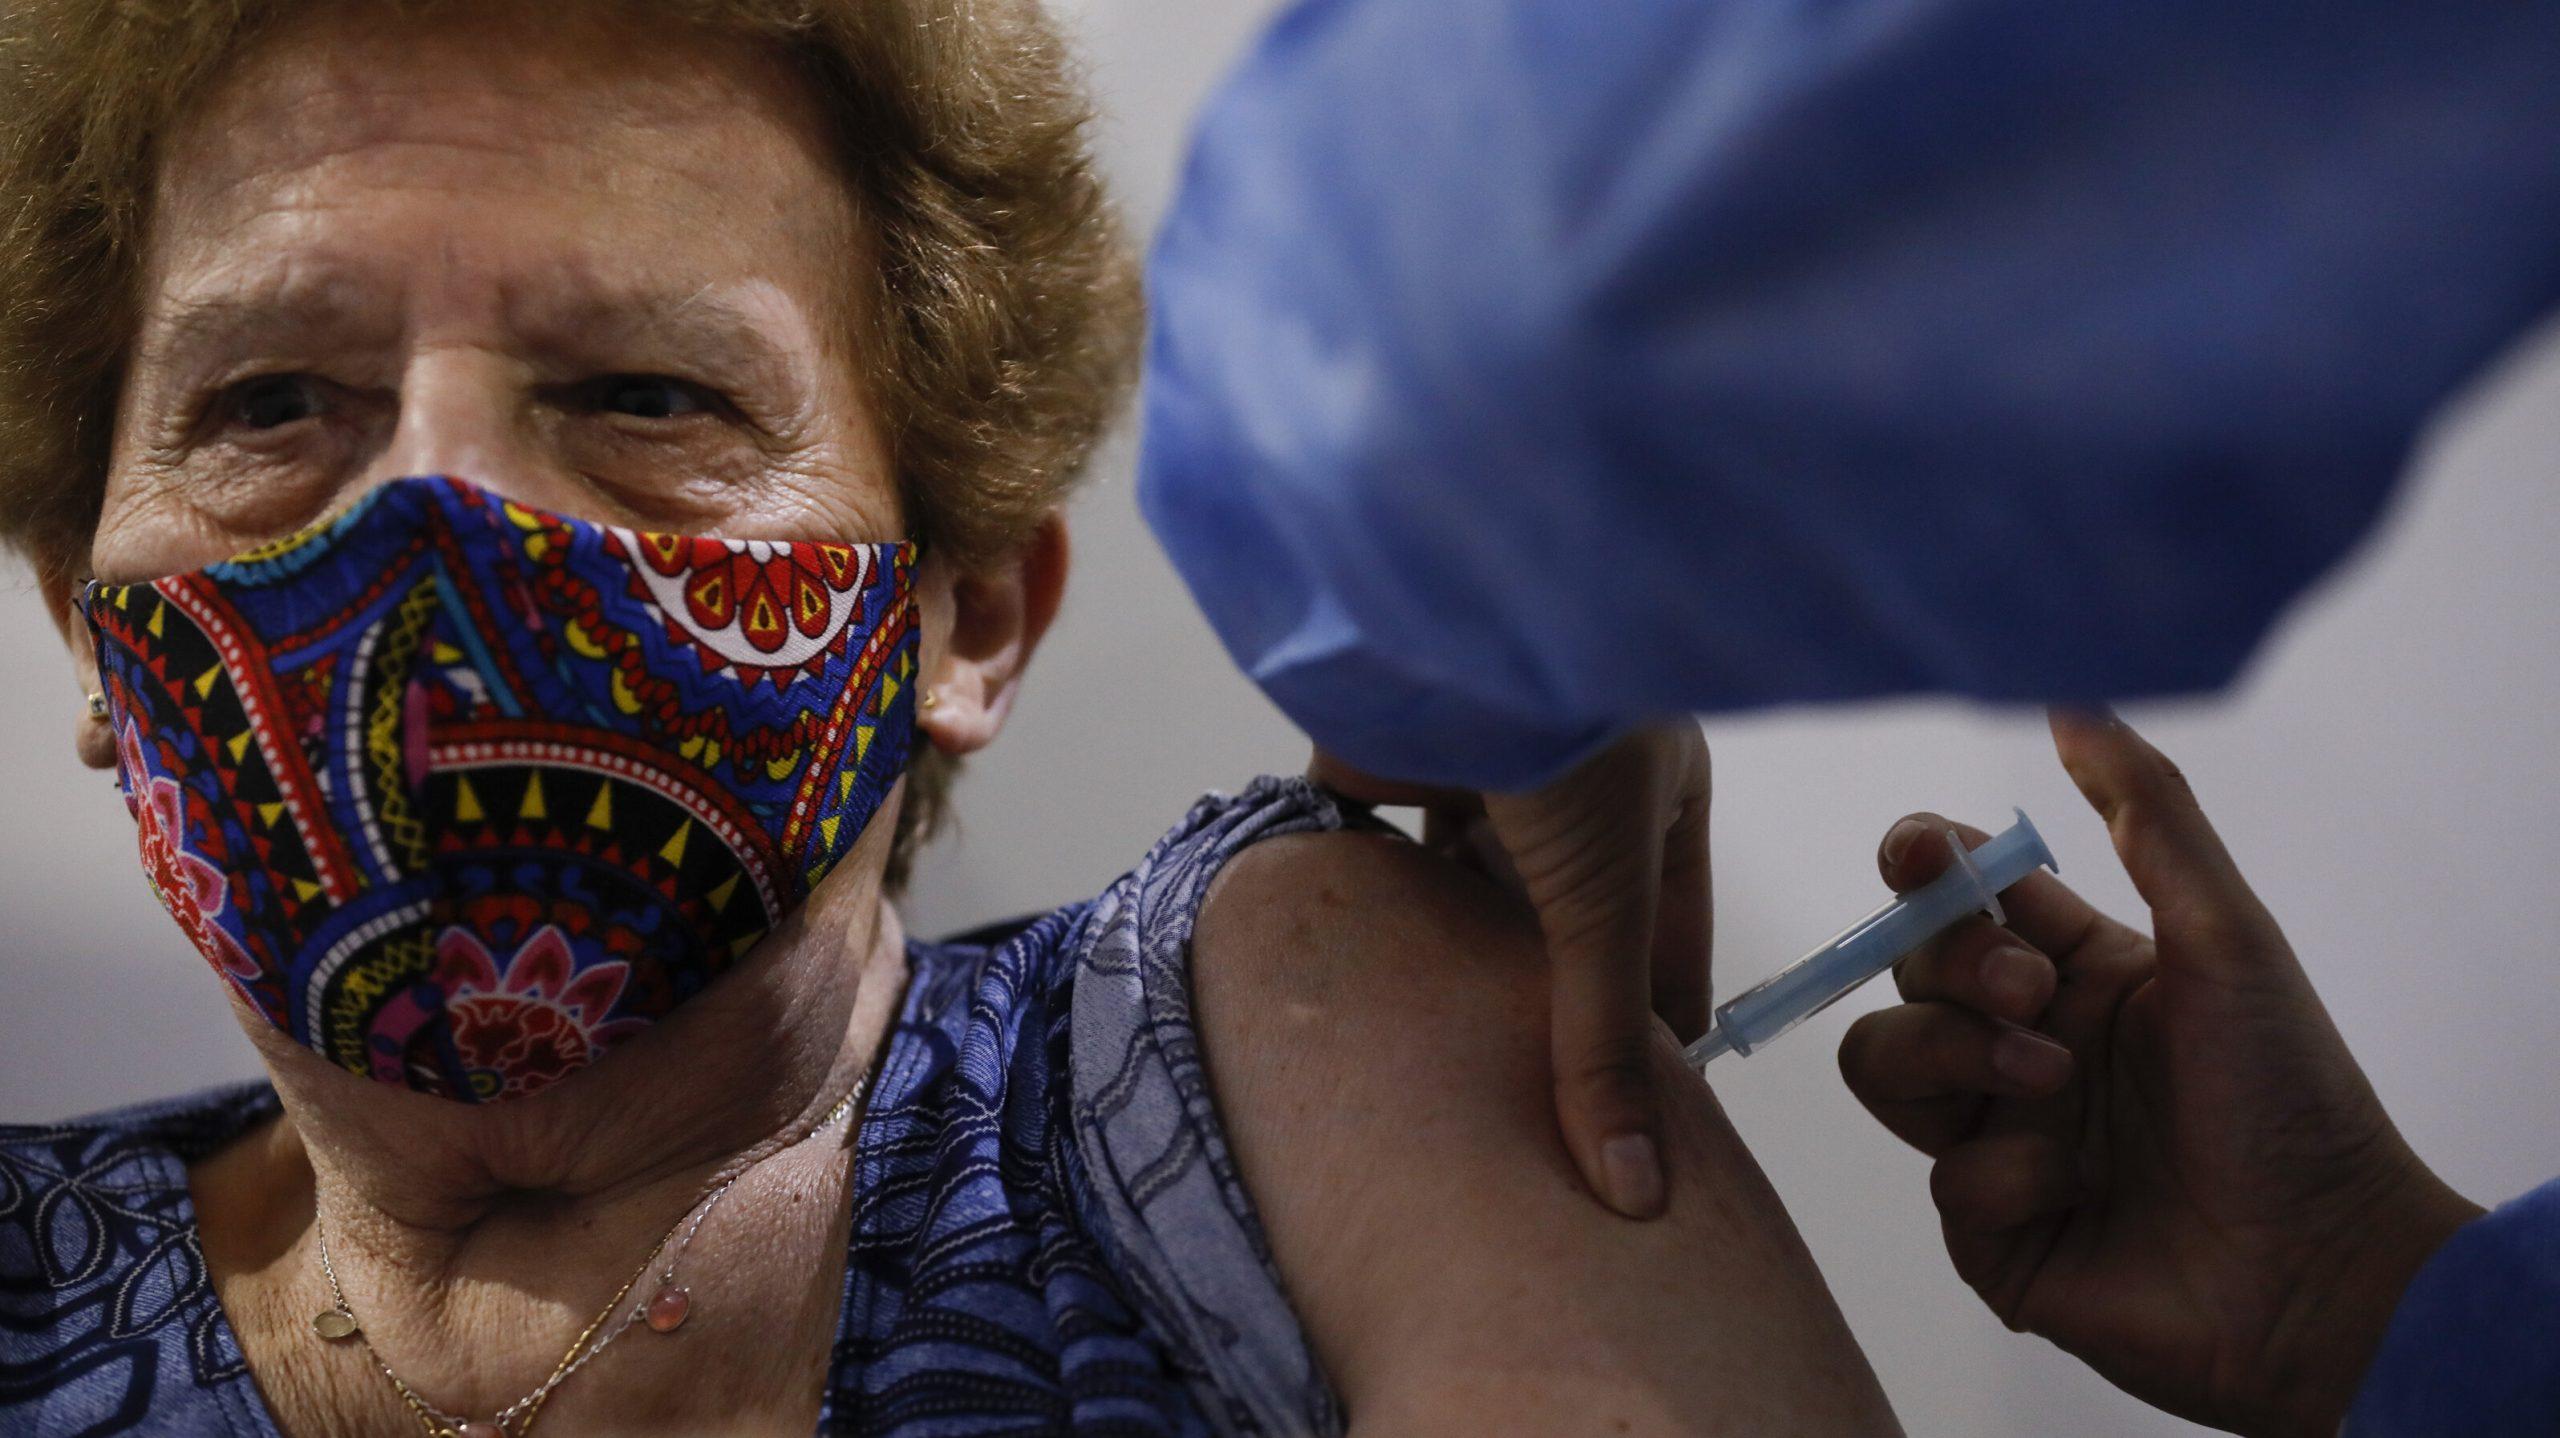 Franța aprobă utilizarea vaccinului AstraZeneca și pentru grupa de vârstă 65-75 de ani